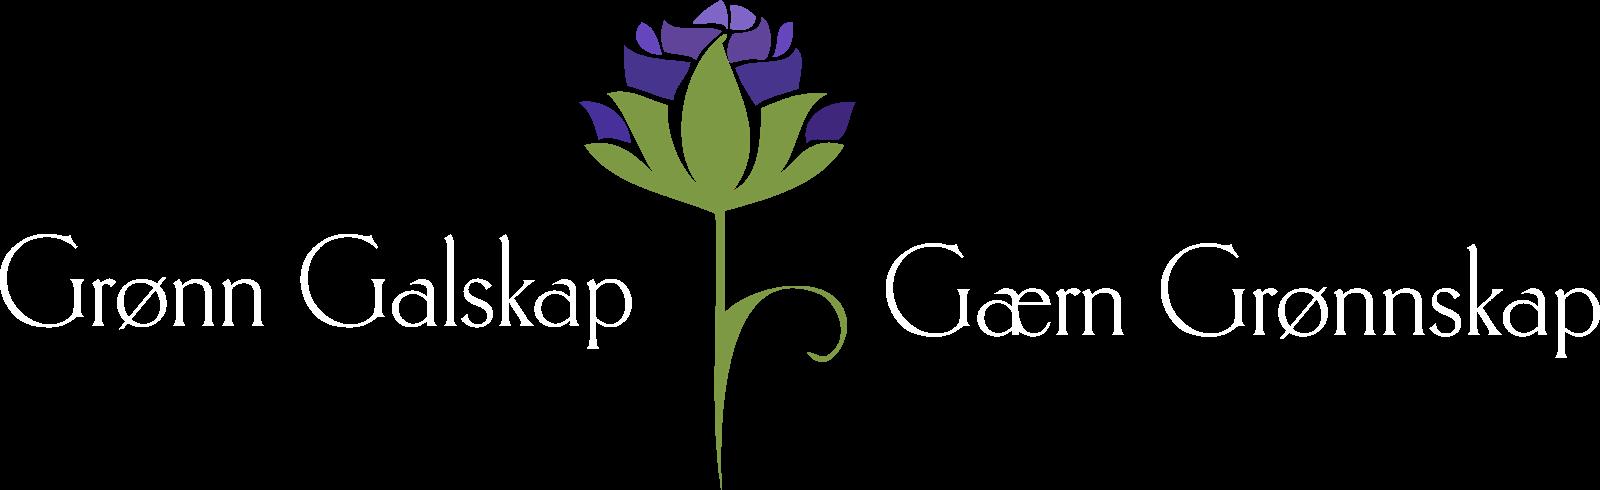 Grønn Galskap - Gærn Grønnskap -  En blogg om hagelivet